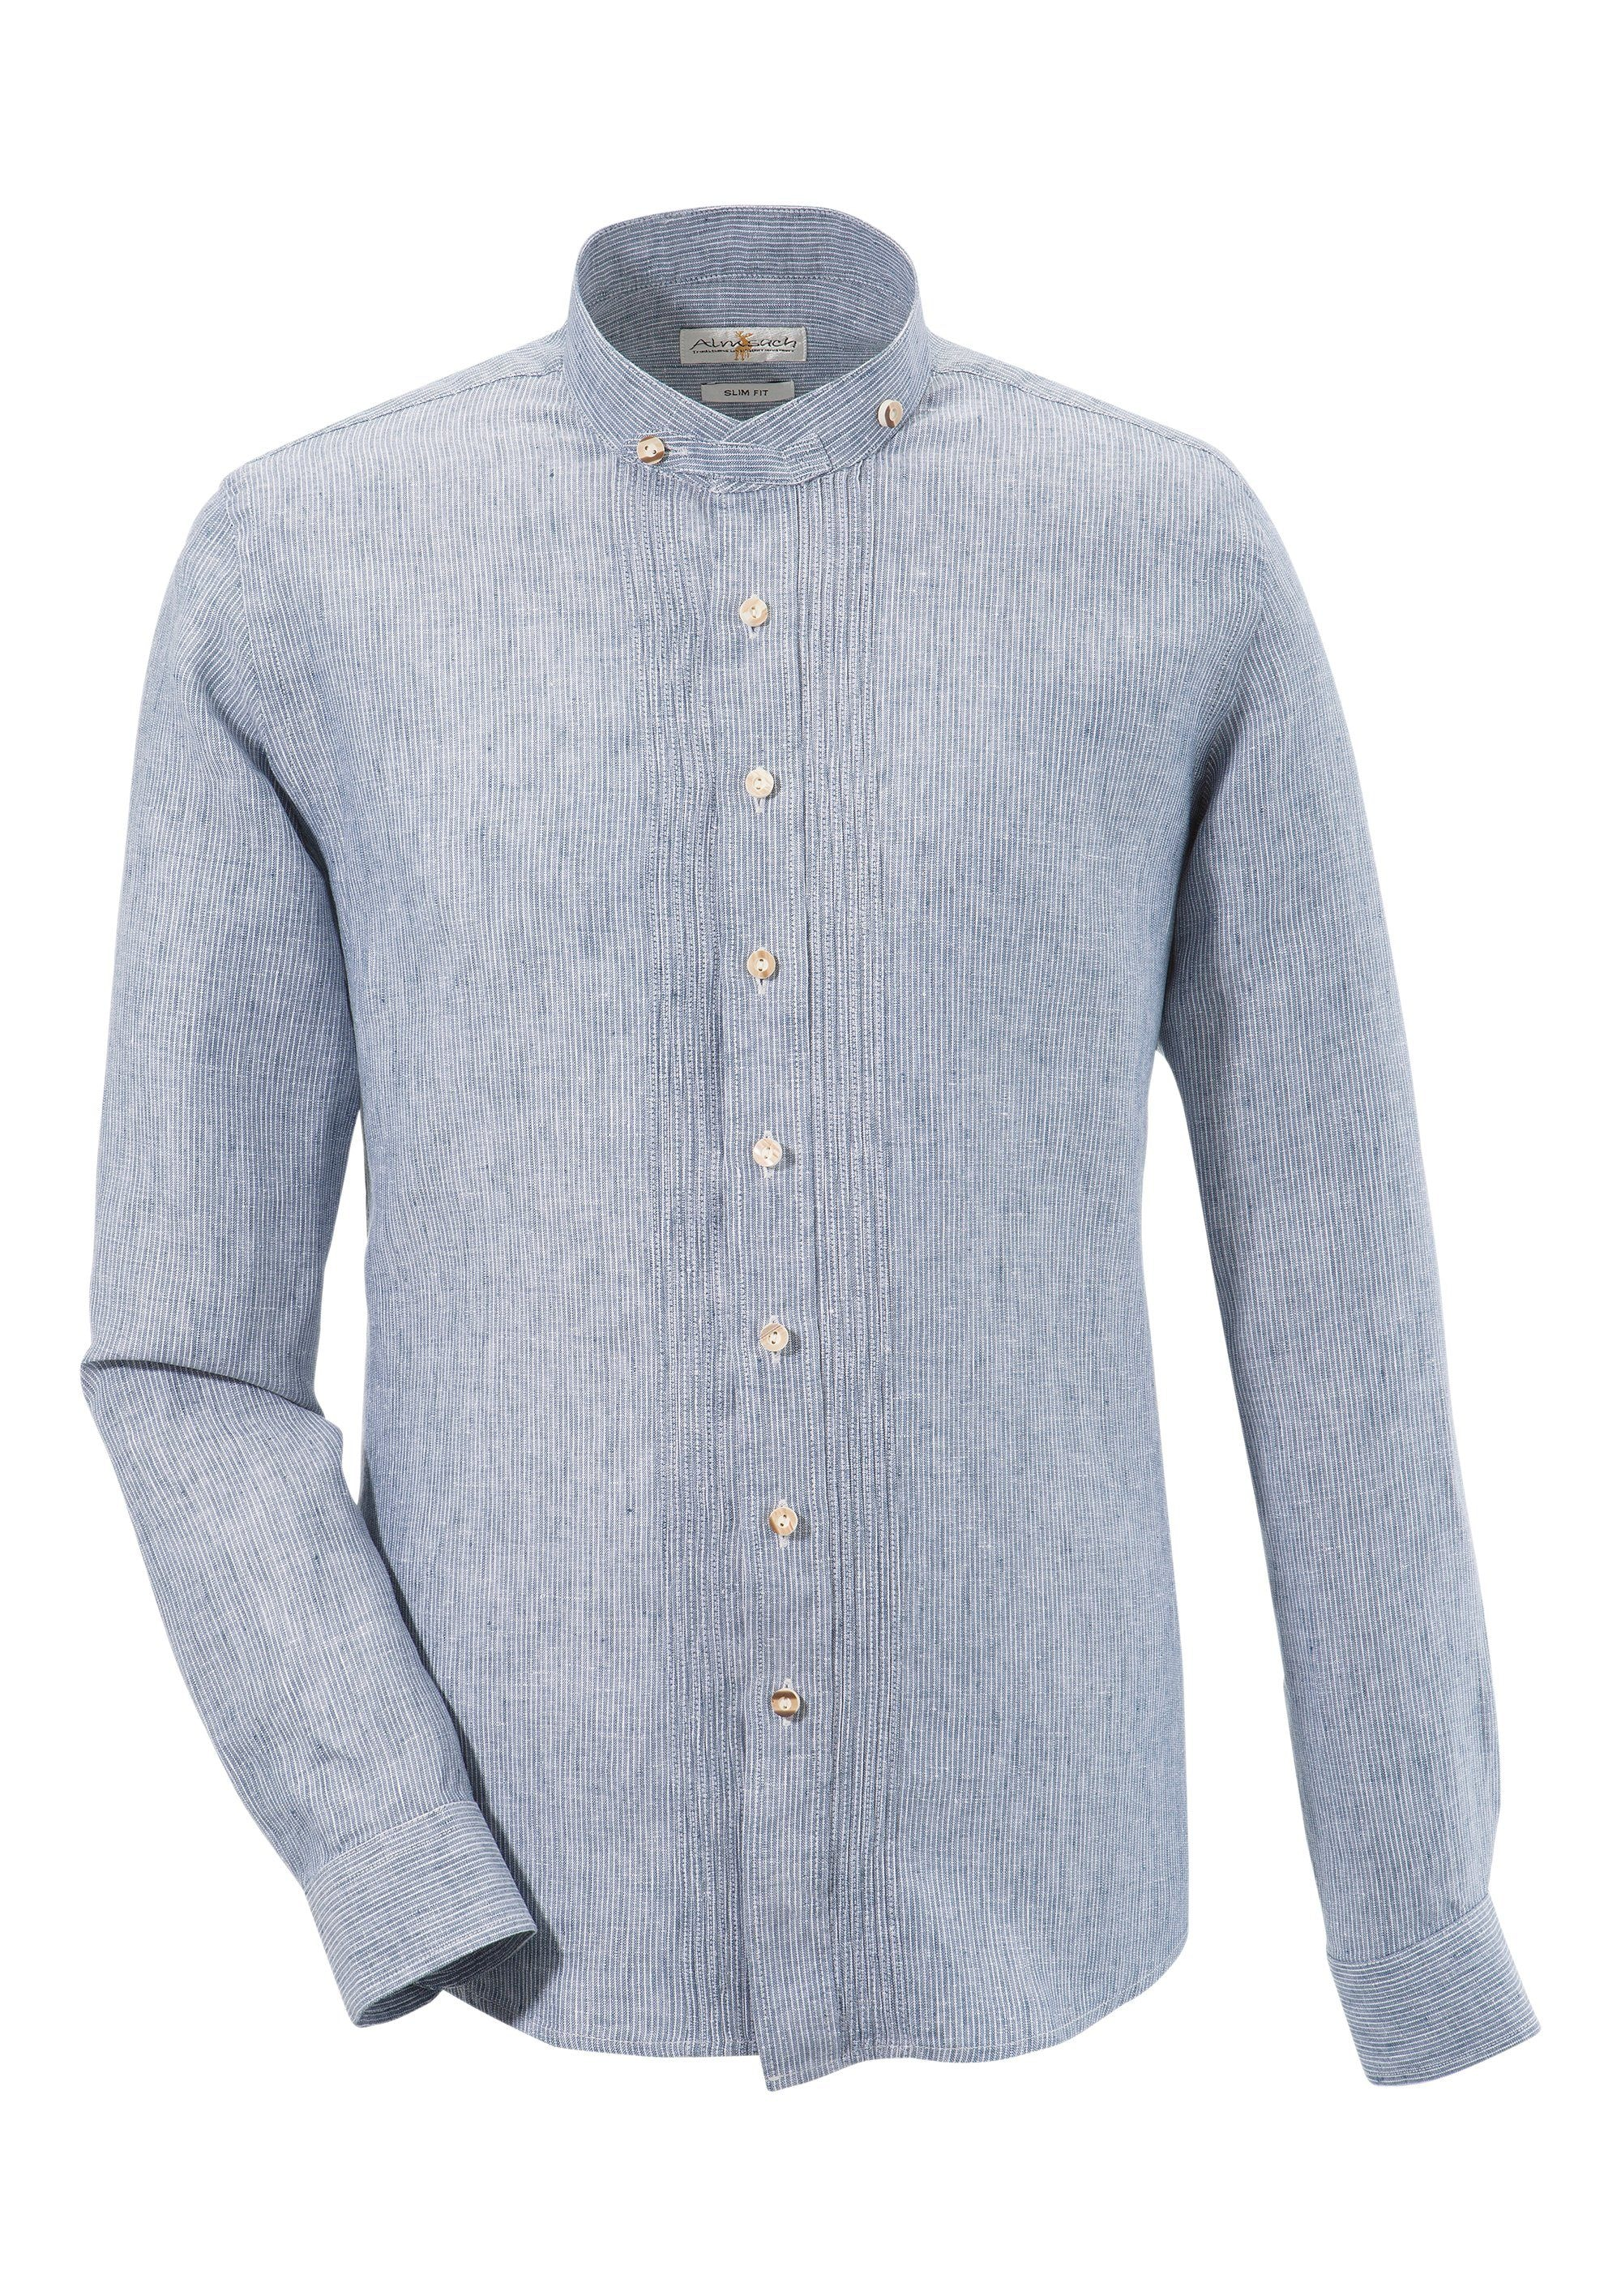 Image of Almsach Trachtenhemd aus Leinen